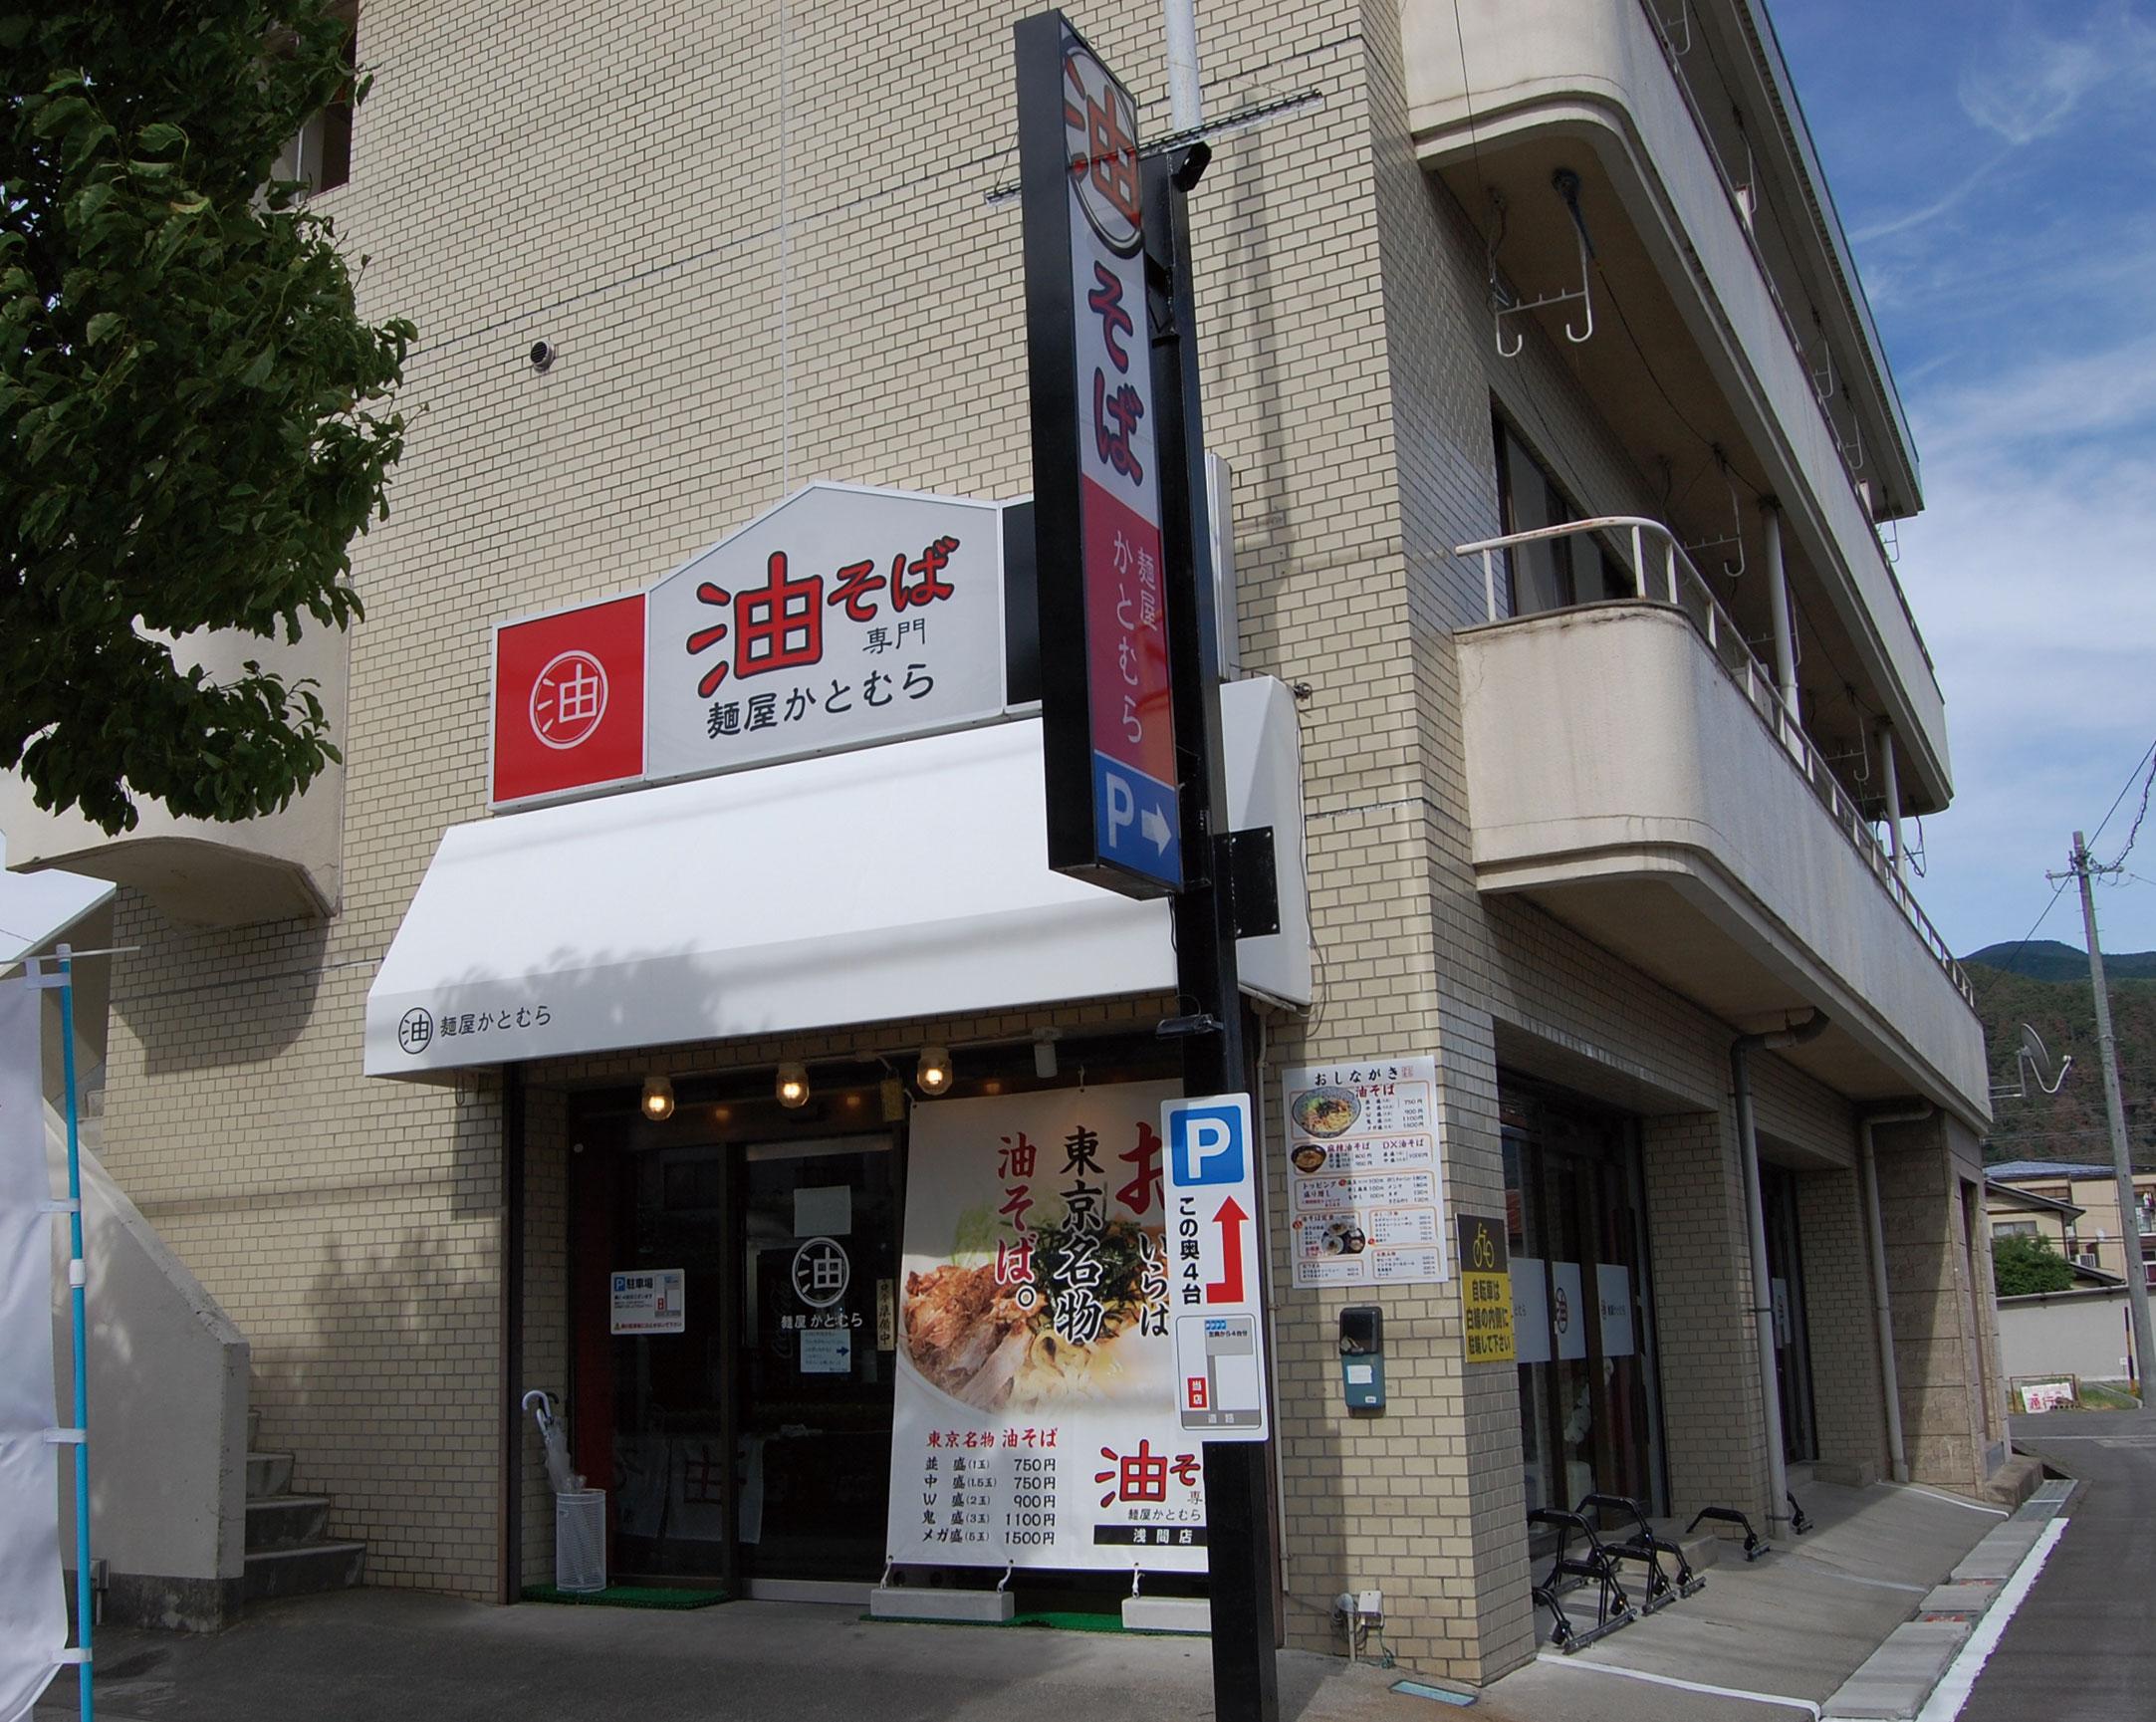 店舗は国体道路沿い、駐車場は店舗奥にあります